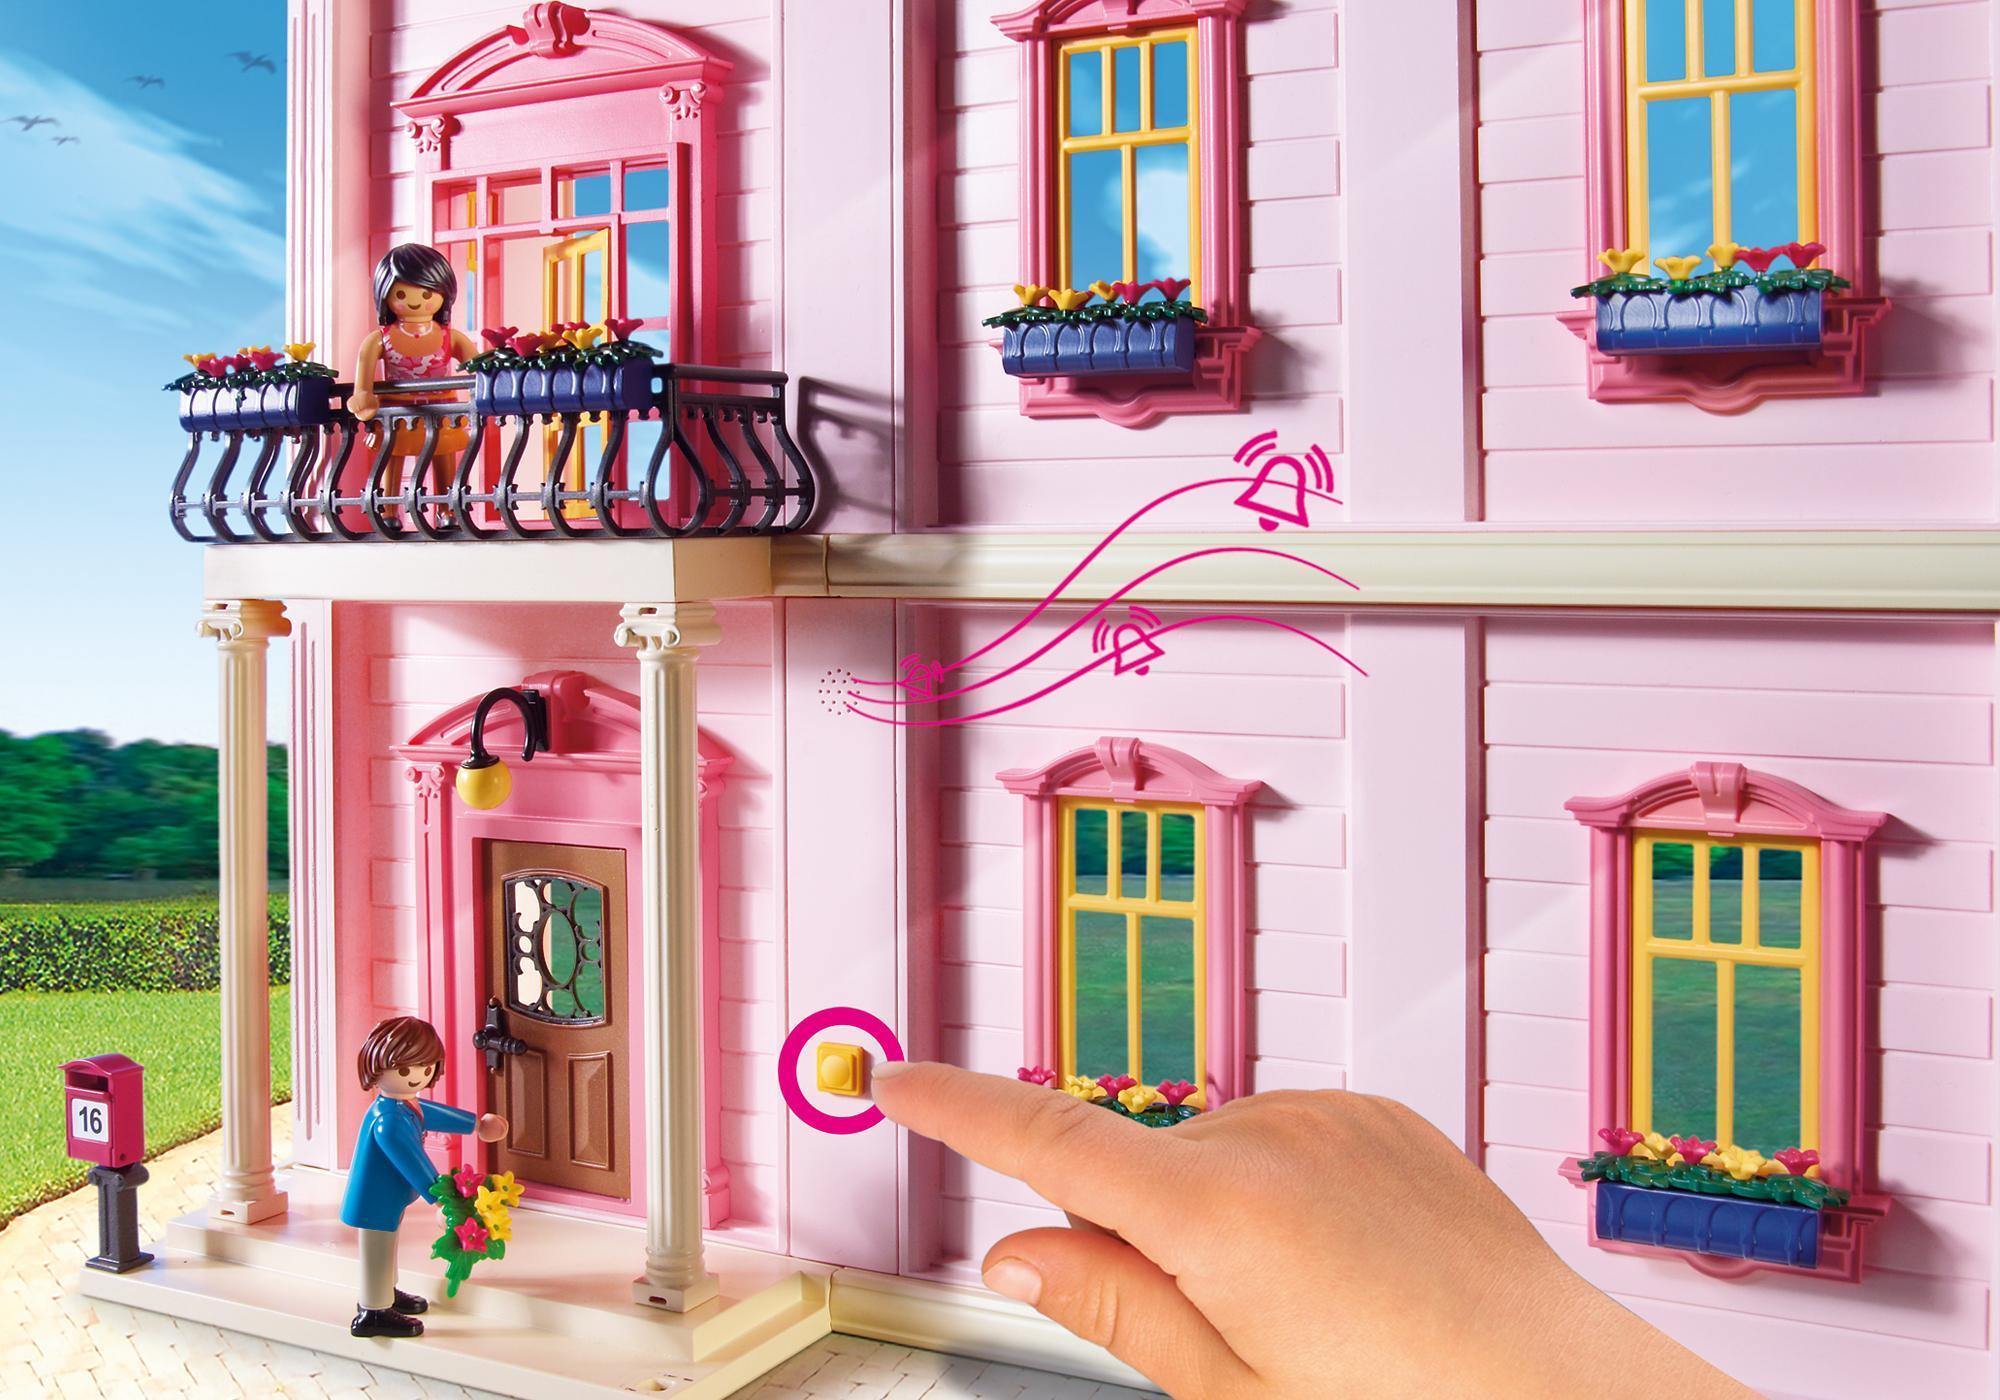 http://media.playmobil.com/i/playmobil/5303_product_extra2/Casa de Bonecas Romântica